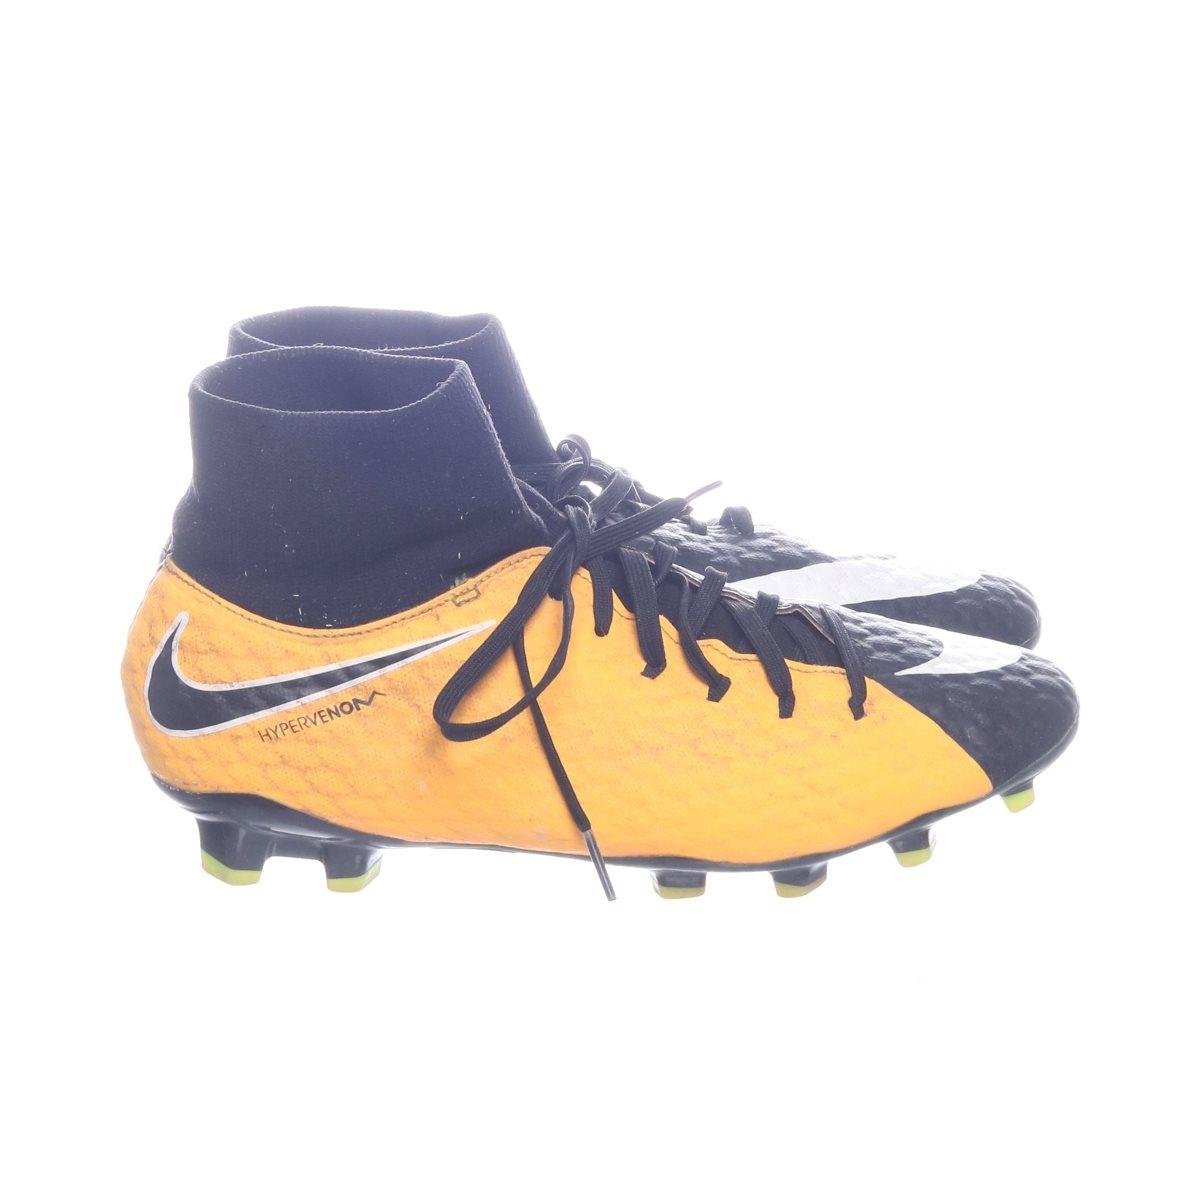 best sneakers 8defe 3a65d Nike, Fotbollsskor, Strl  42, HyperVenom, Orange Svart Vit